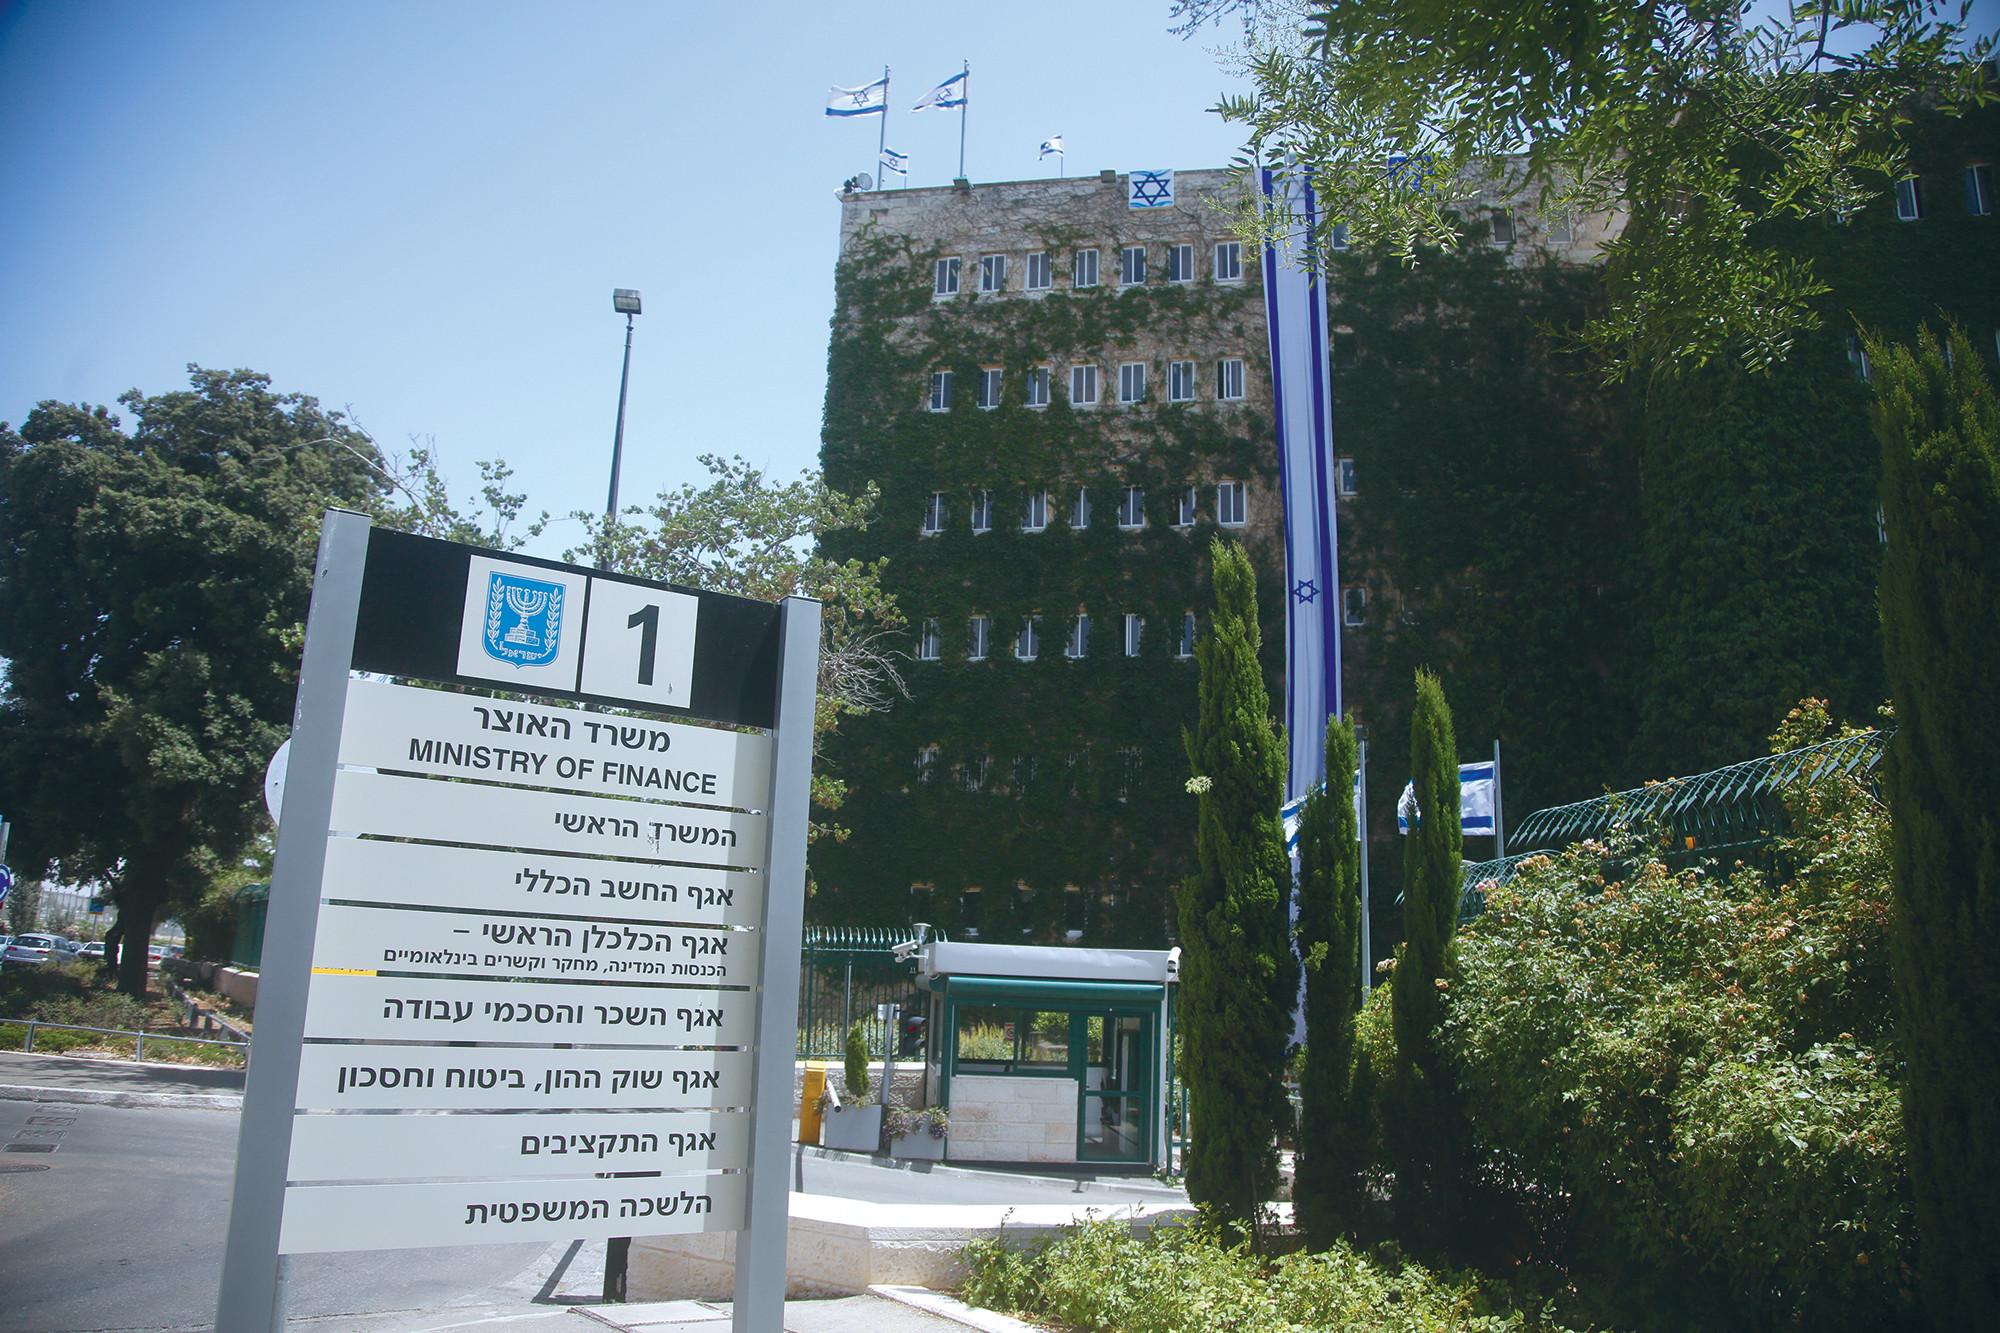 בניין משרד האוצר, ירושלים. צילום: מרק ישראל סלם